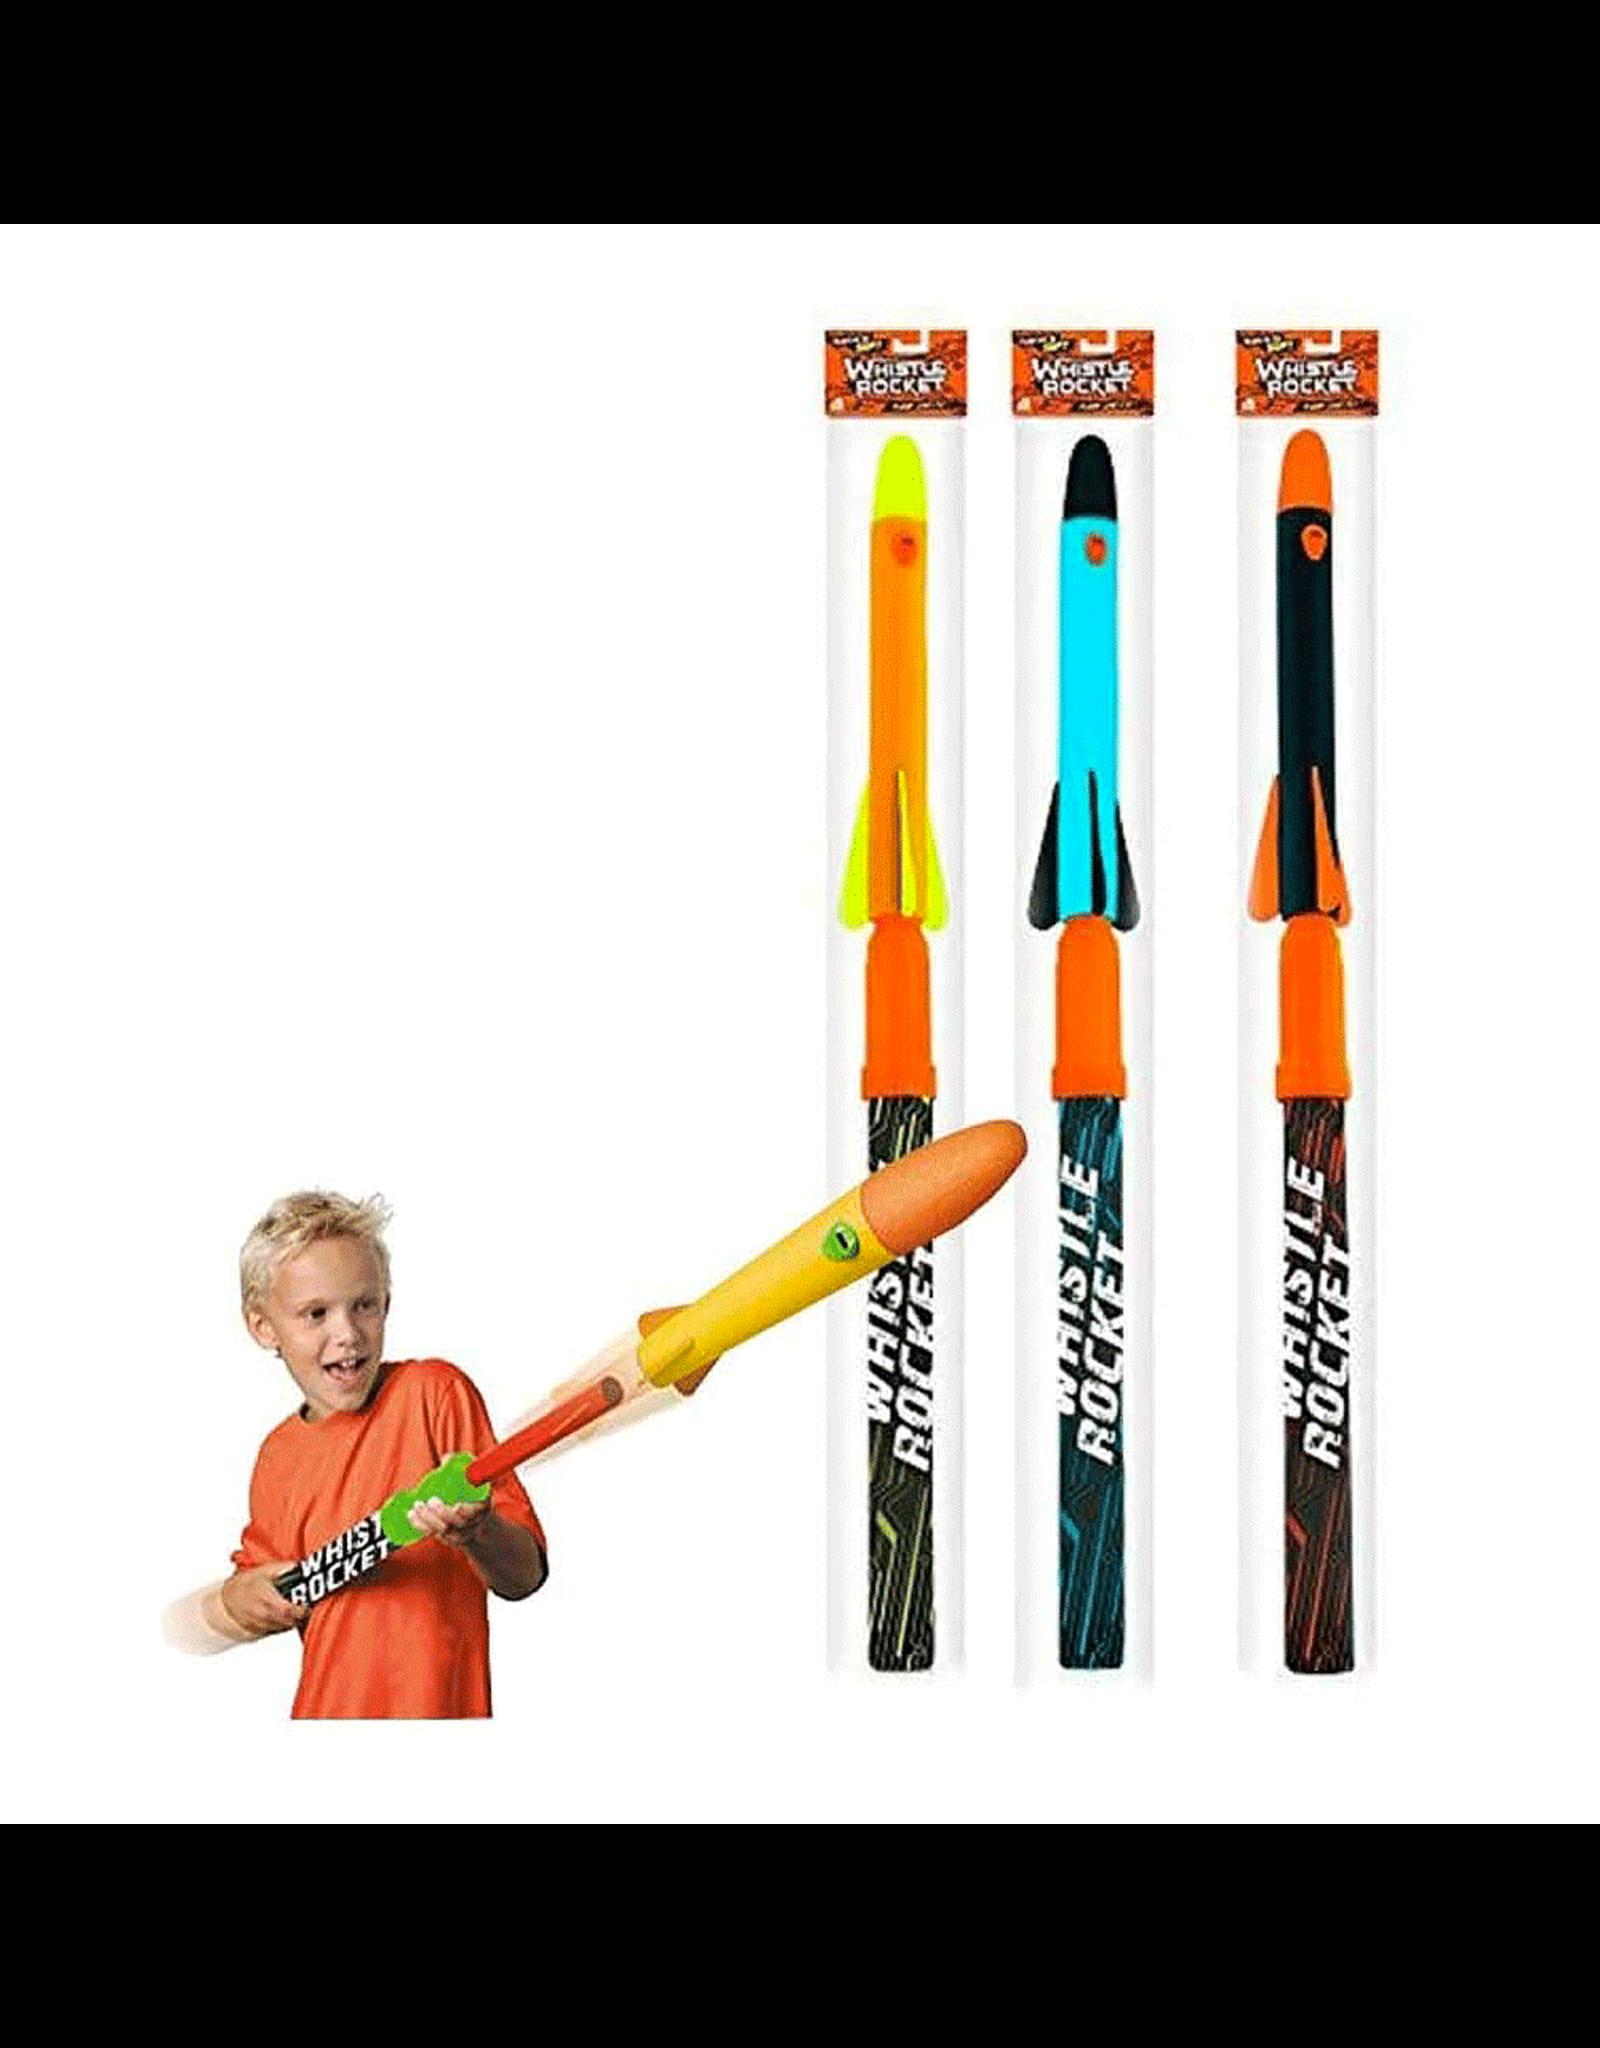 Toysmith Whistle Rocket